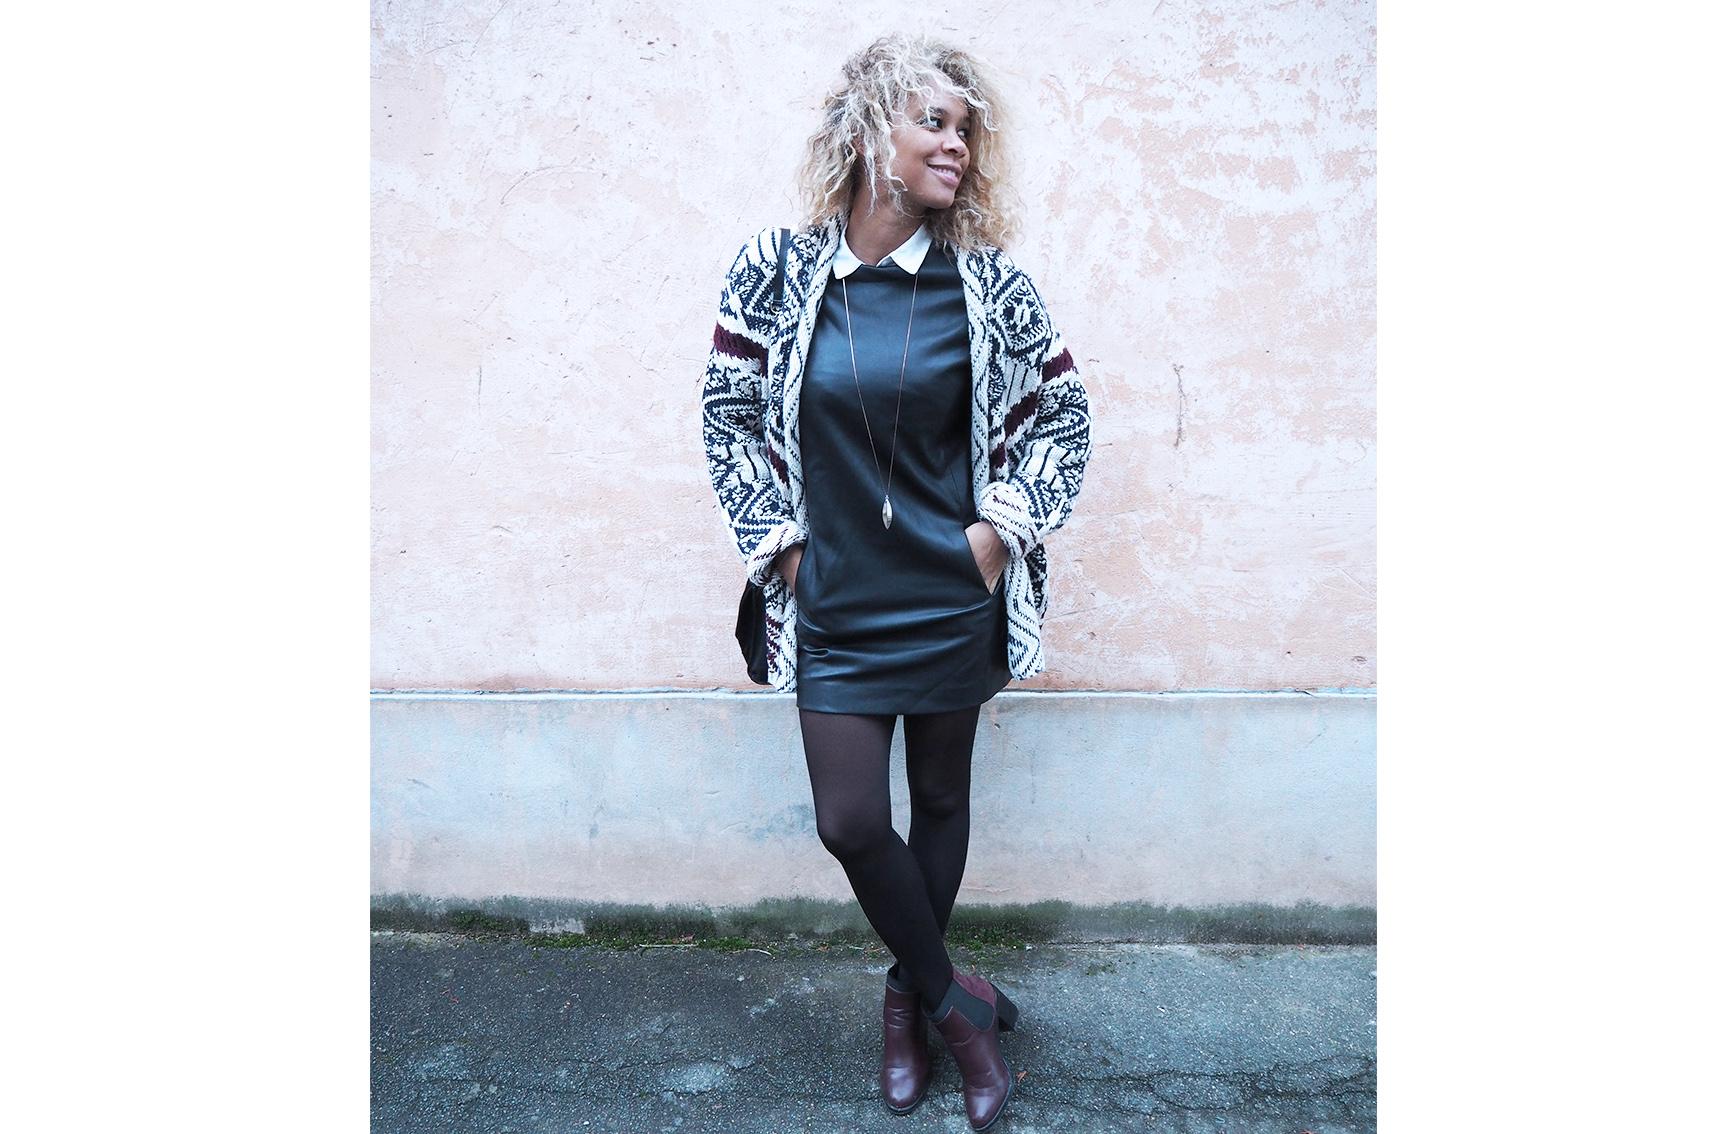 Bottines bordeaux : comment s'habiller demain, look d'hiver